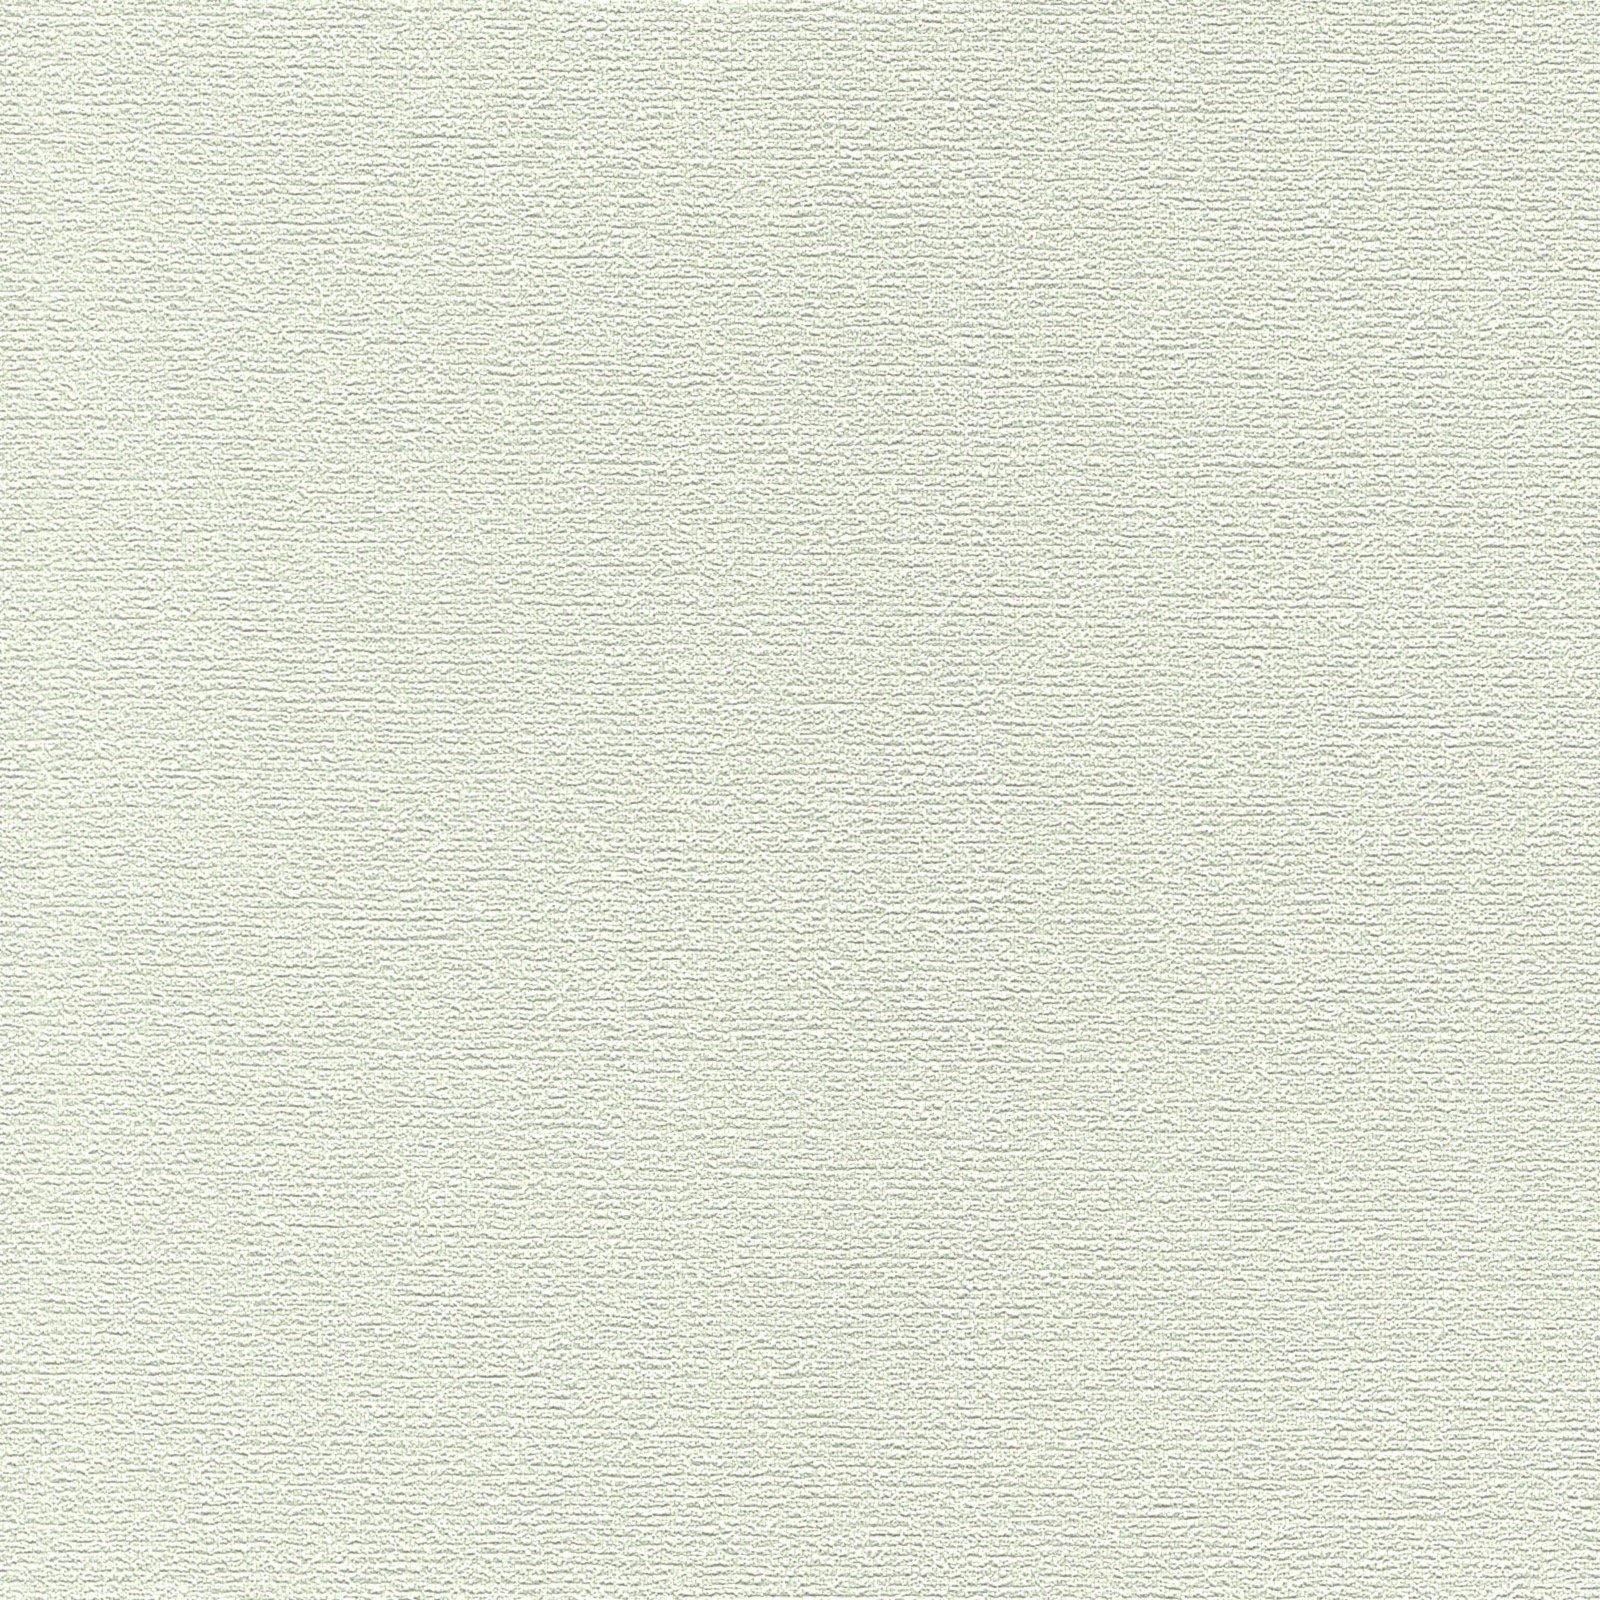 Vliestapete uni gr n 10 meter vliestapeten for Tapeten roller